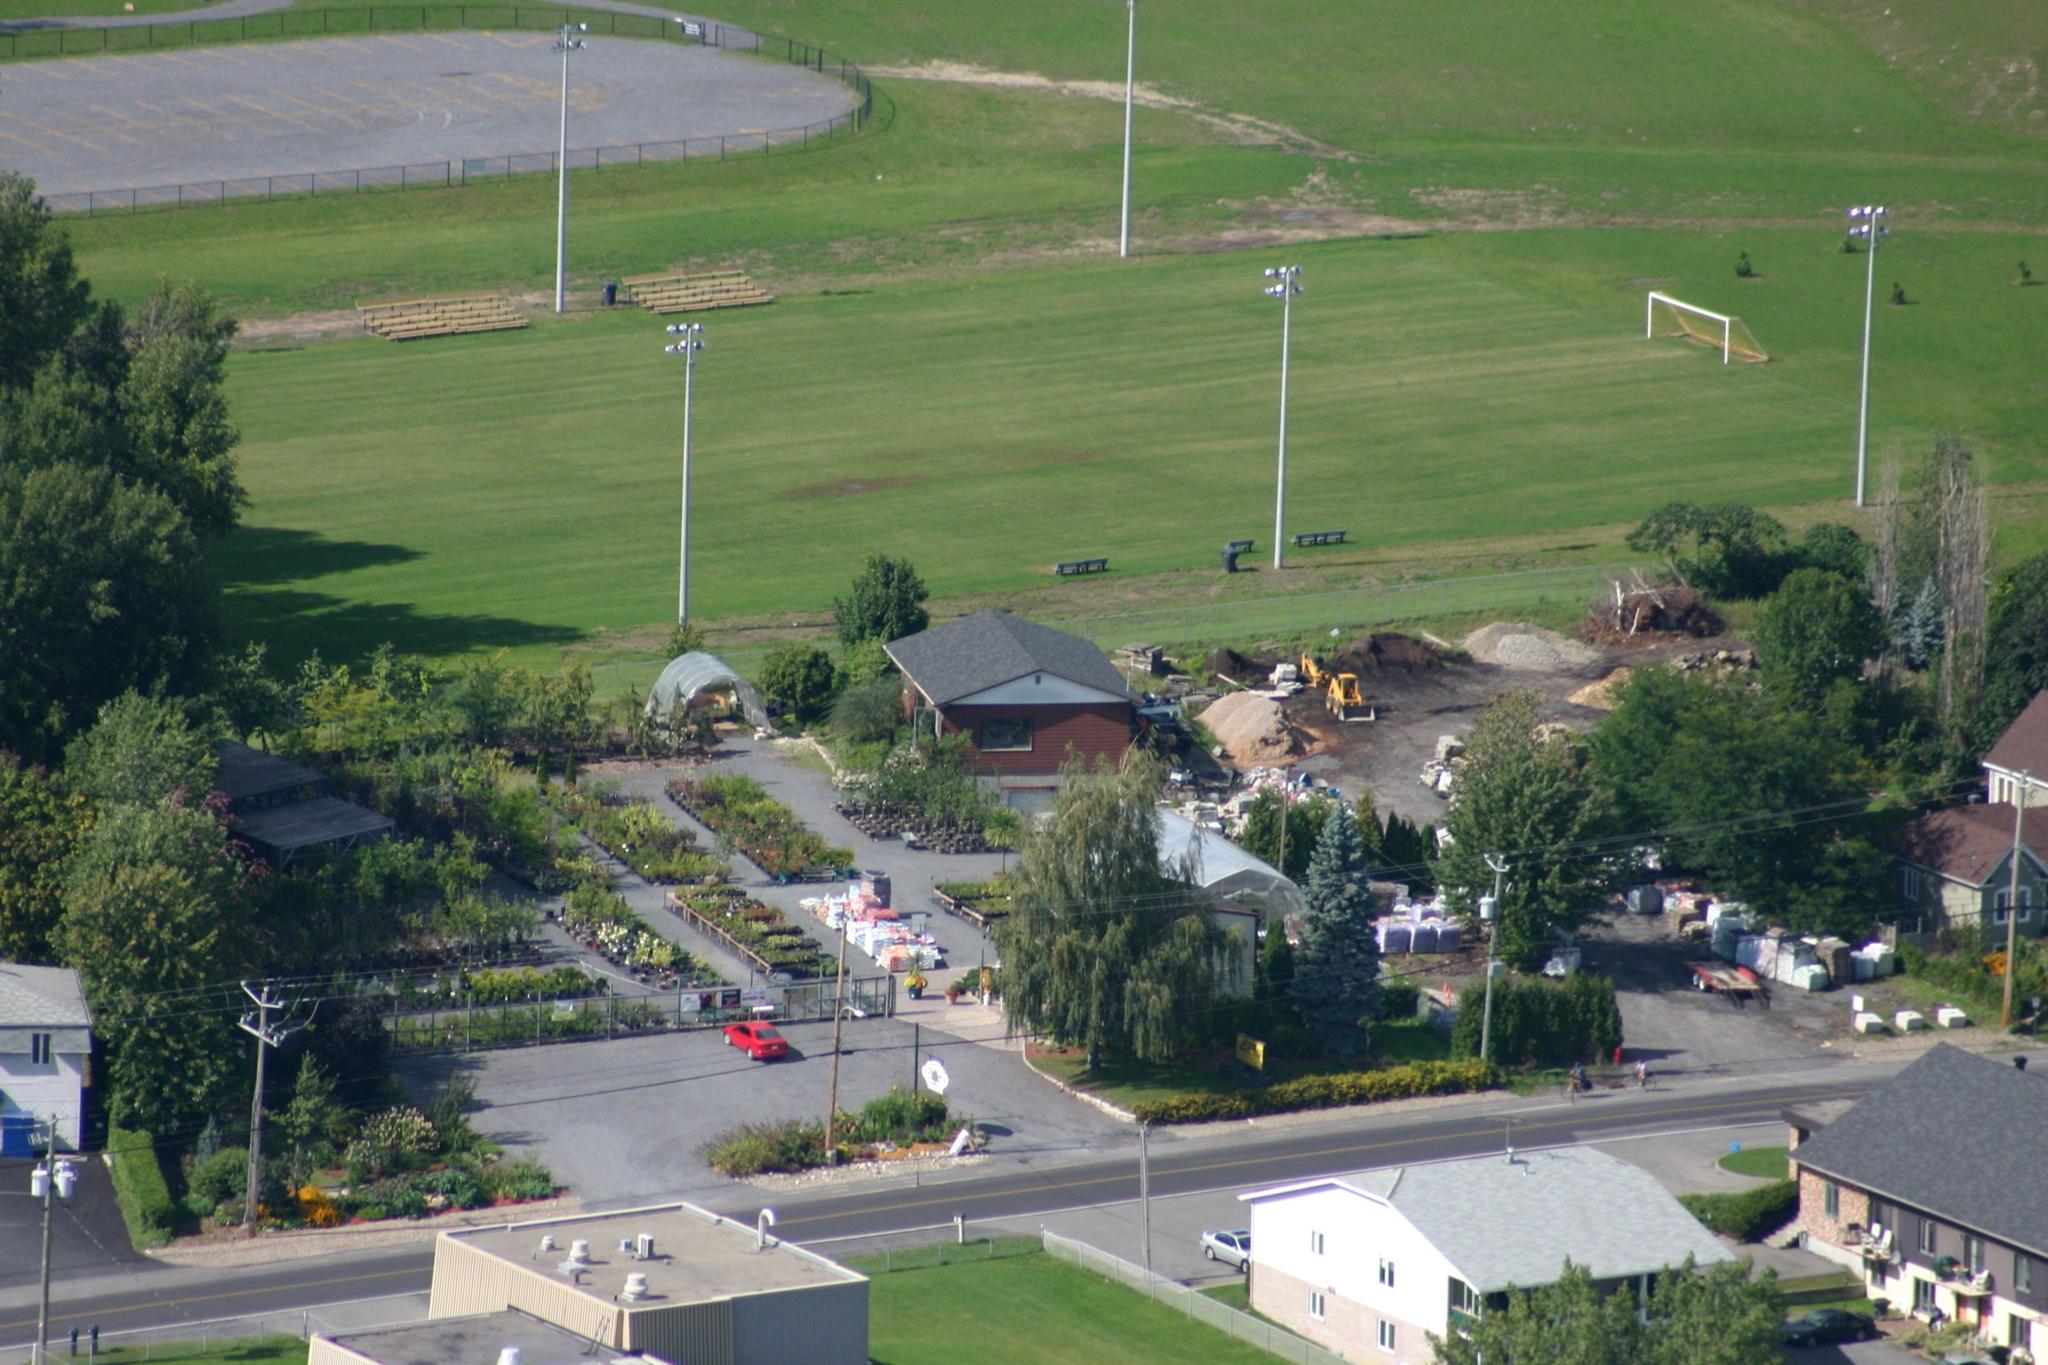 Centre De Jardin Del Esta à Coteau-du-Lac